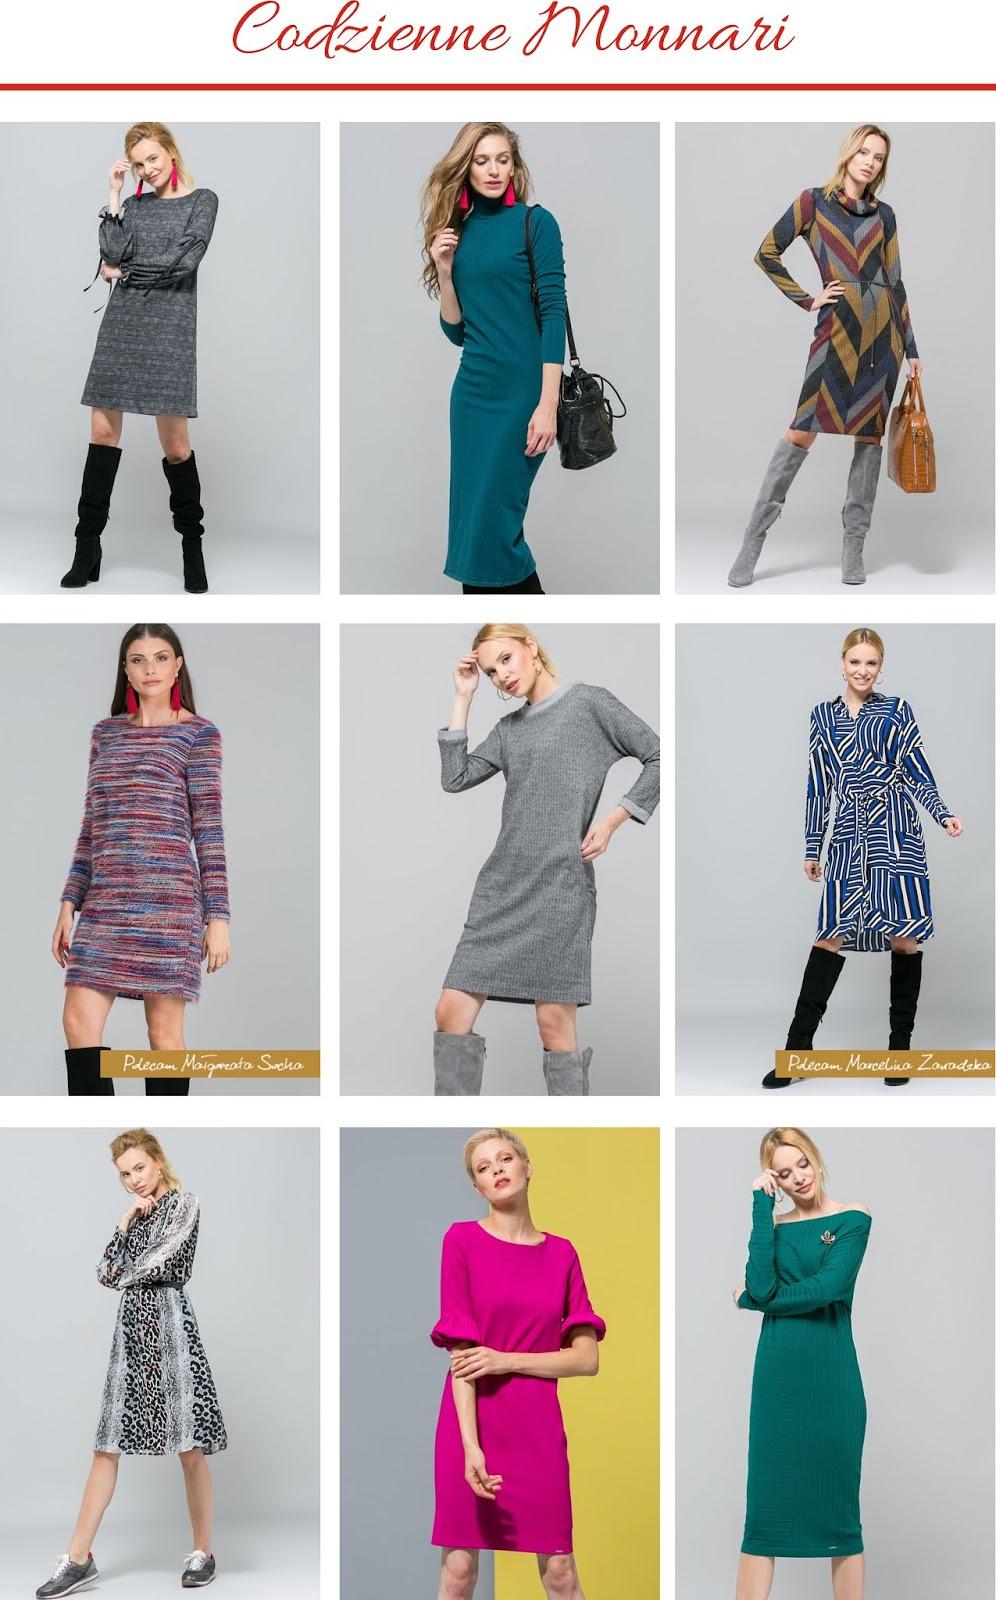 trendy jesieni 2018, modne sukienki, Reserved, babooshkastyle, stylistka, Emoi, Zara, Orsay, Monnari, Mohito, zwierzęce printy, Chanel, Dolce&Gabbana, Tom Ford, A/W 2018/19, kącik stylistki